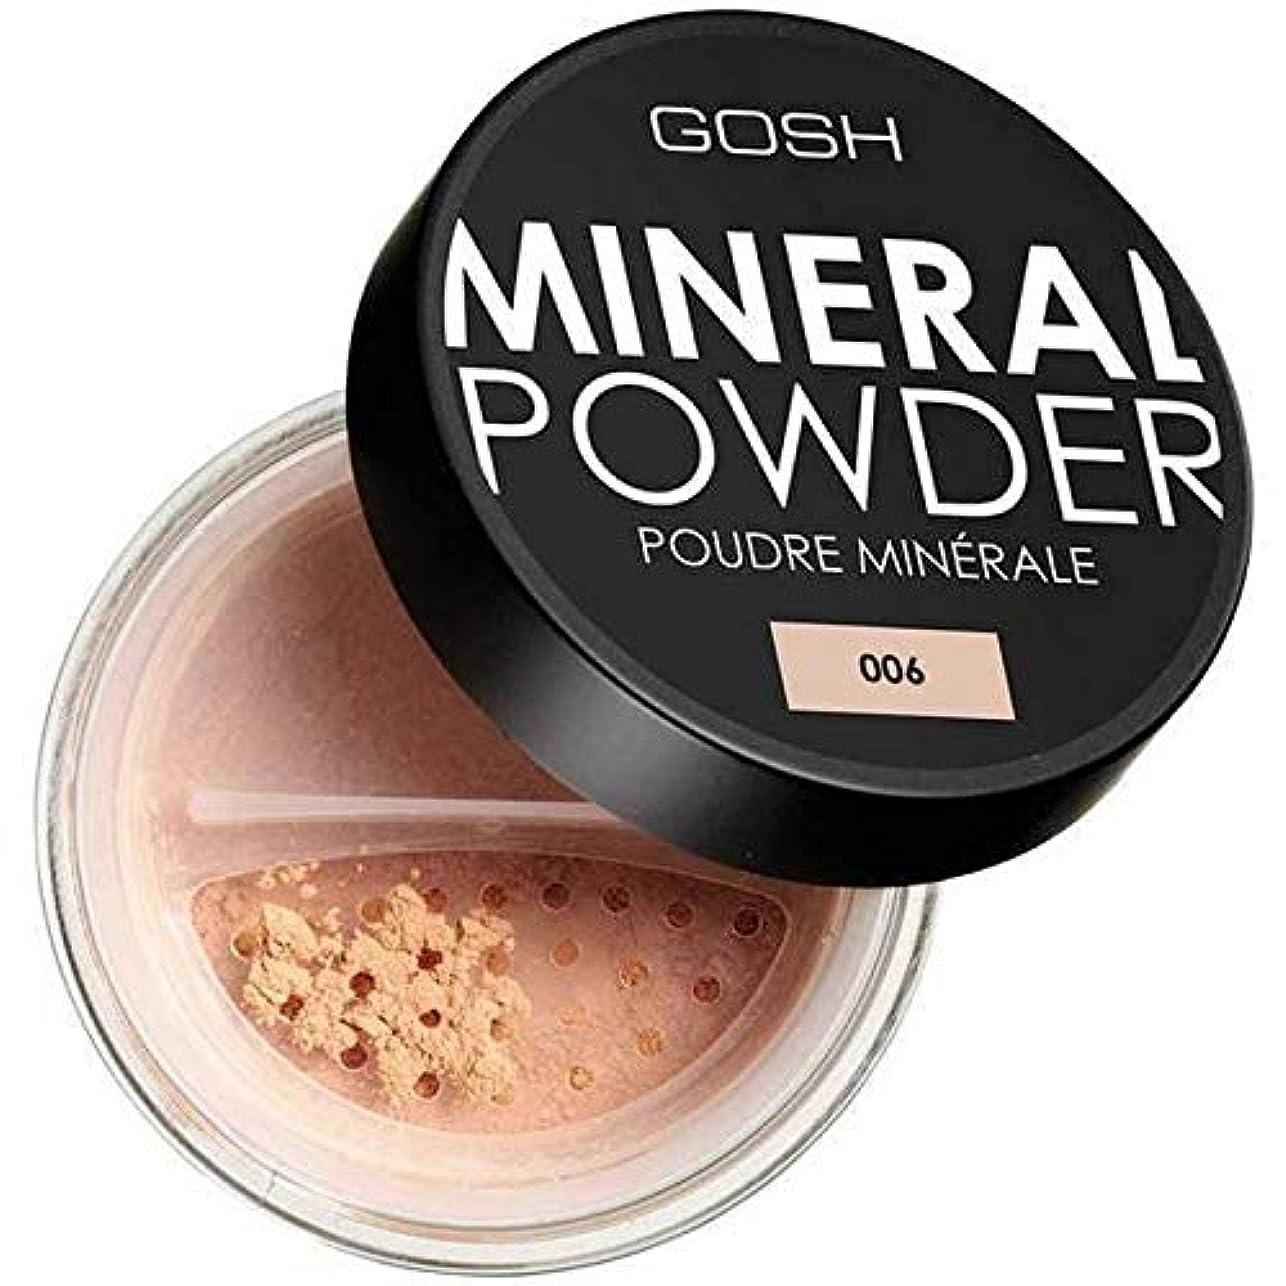 数失礼なはしご[GOSH ] おやっミネラルフルカバレッジ基礎粉末蜂蜜006 - GOSH Mineral Full Coverage Foundation Powder Honey 006 [並行輸入品]